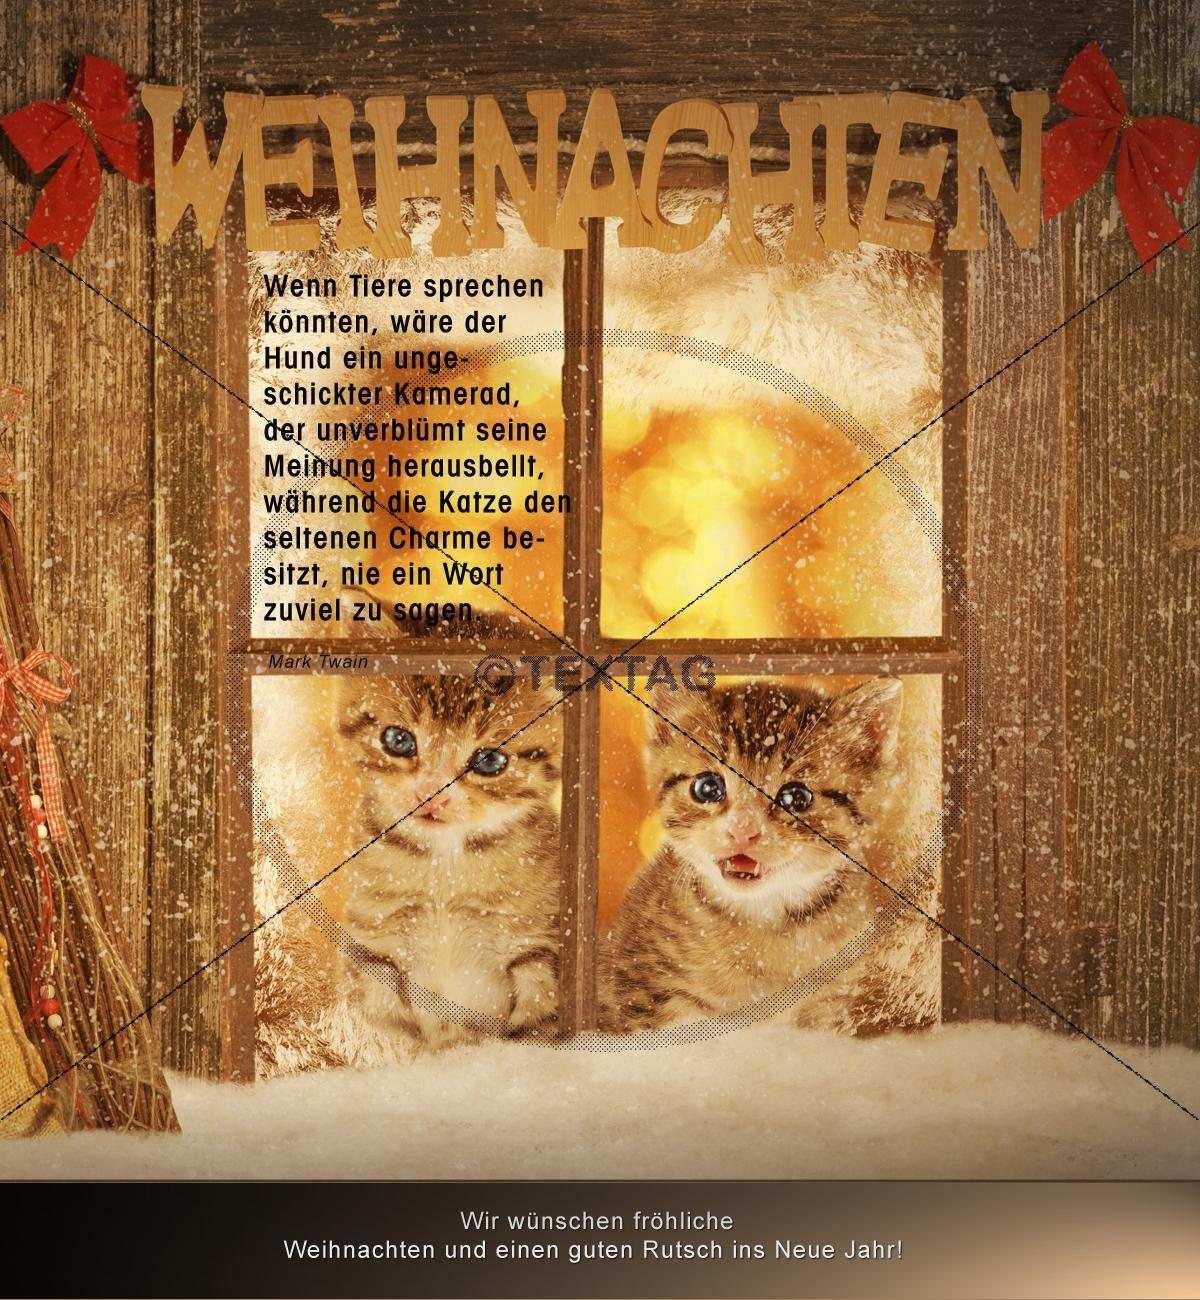 Tierische Weihnachtsgrüße.E Card Tierische Weihnachtsgrüße 0112